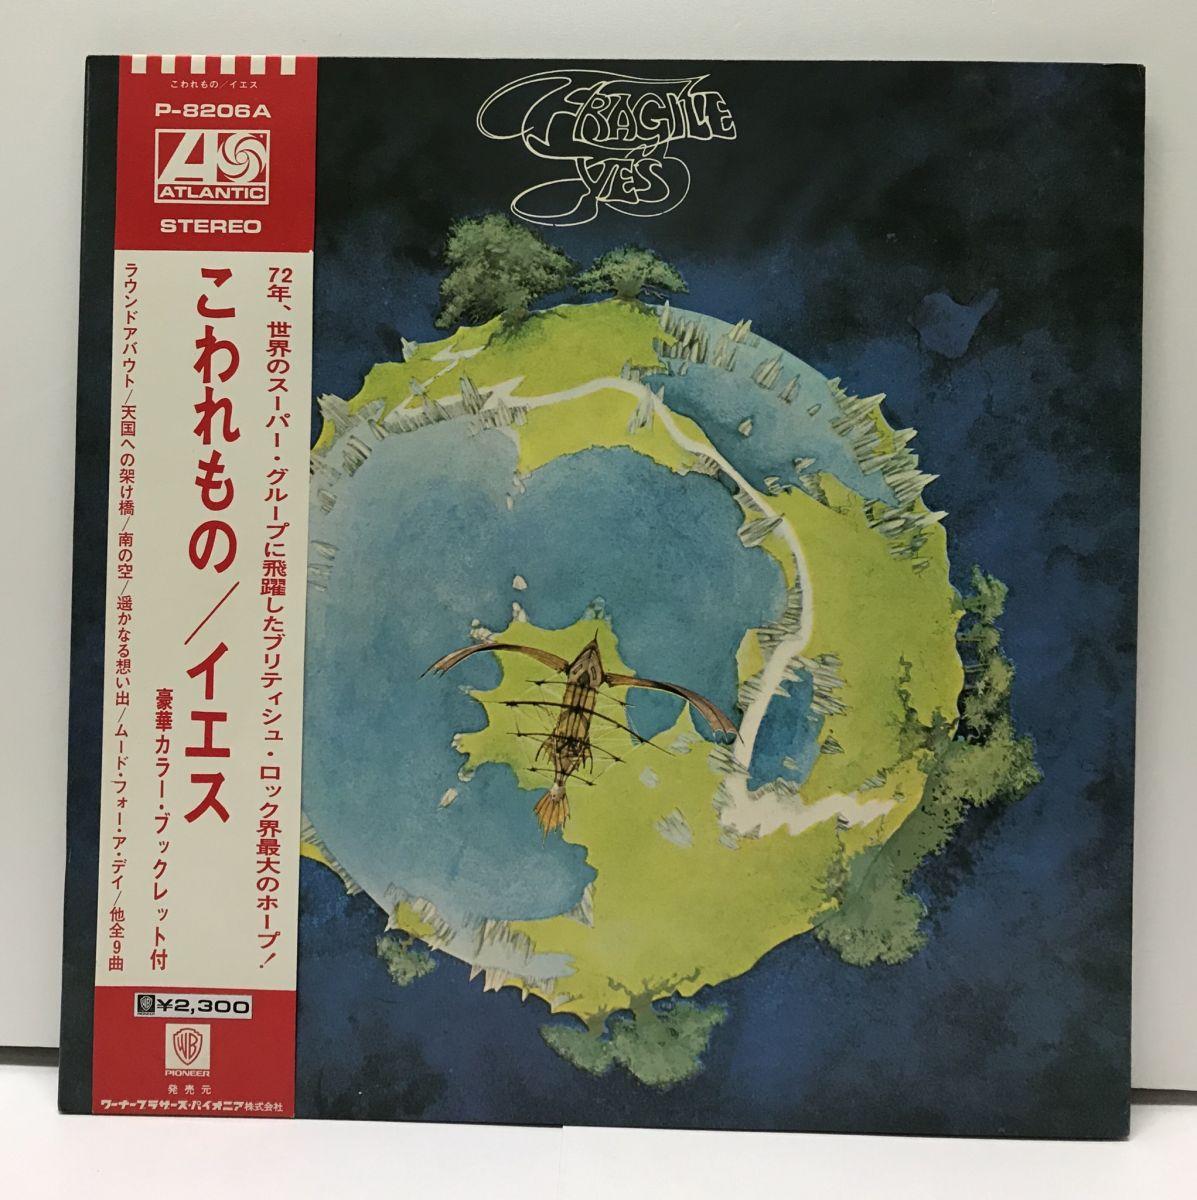 神奈川県横浜市でYES「こわれもの」レコードを出張買取りしました。